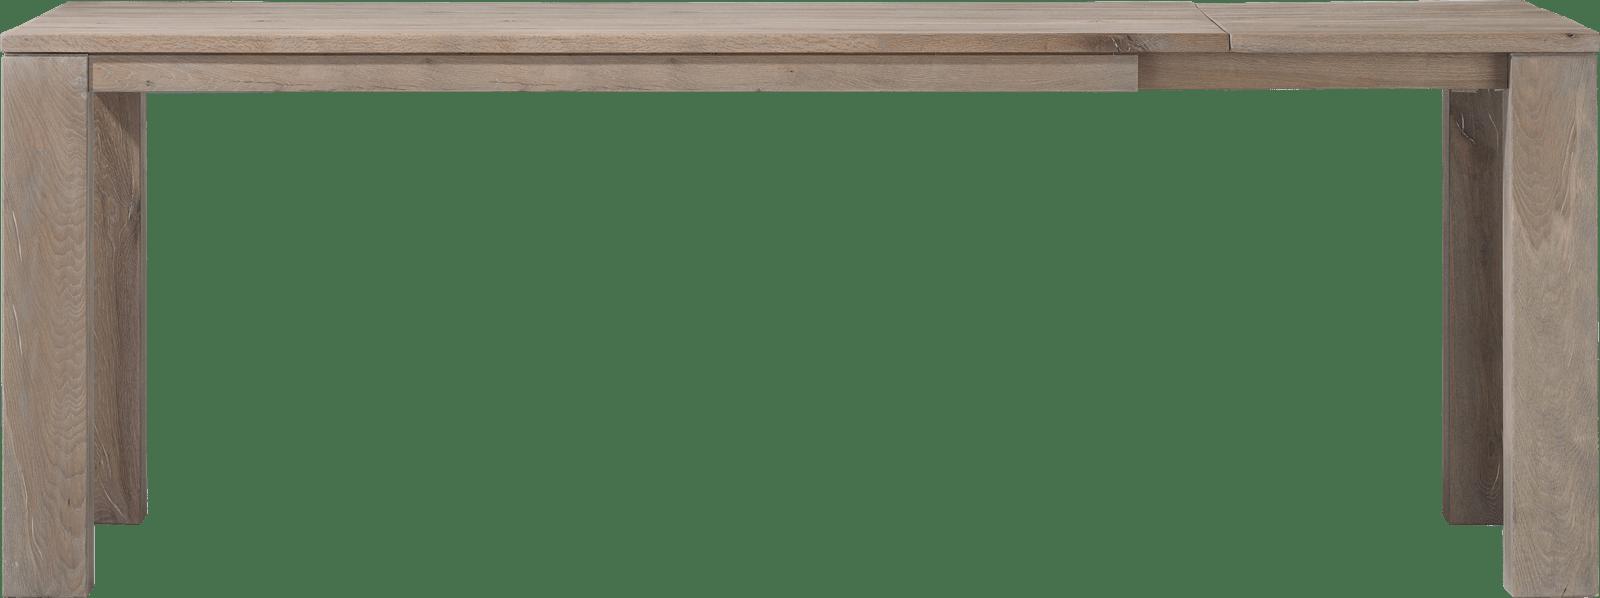 Masters - uitschuif-bartafel 200 (+ 60) x 100 cm - hout 12x12/10x14